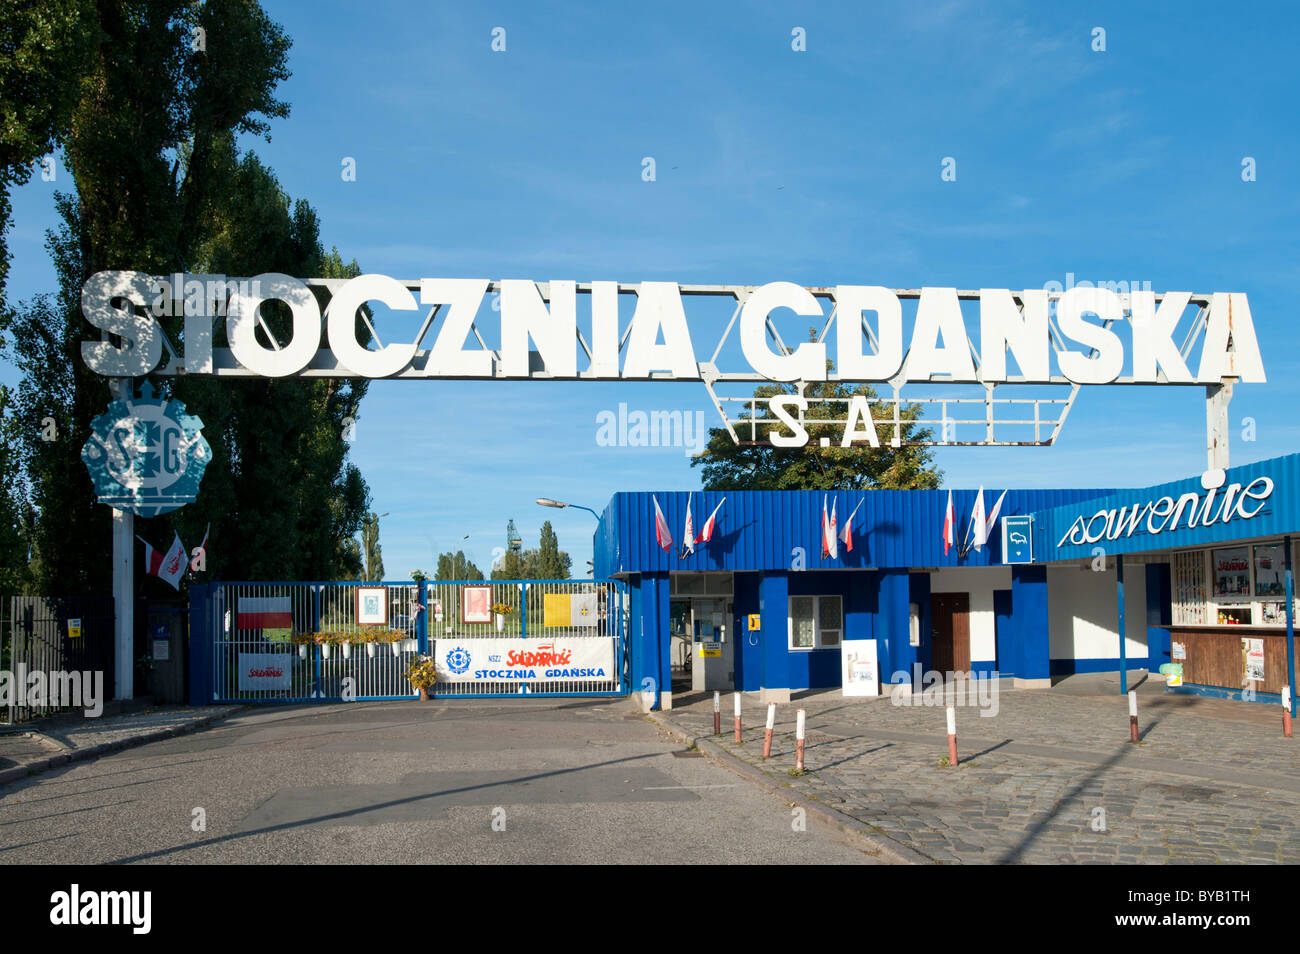 Cantiere di Danzica, monumento alla Solidarnosc movimento di solidarietà, Gdansk, Pomerania, Polonia, Europa Immagini Stock